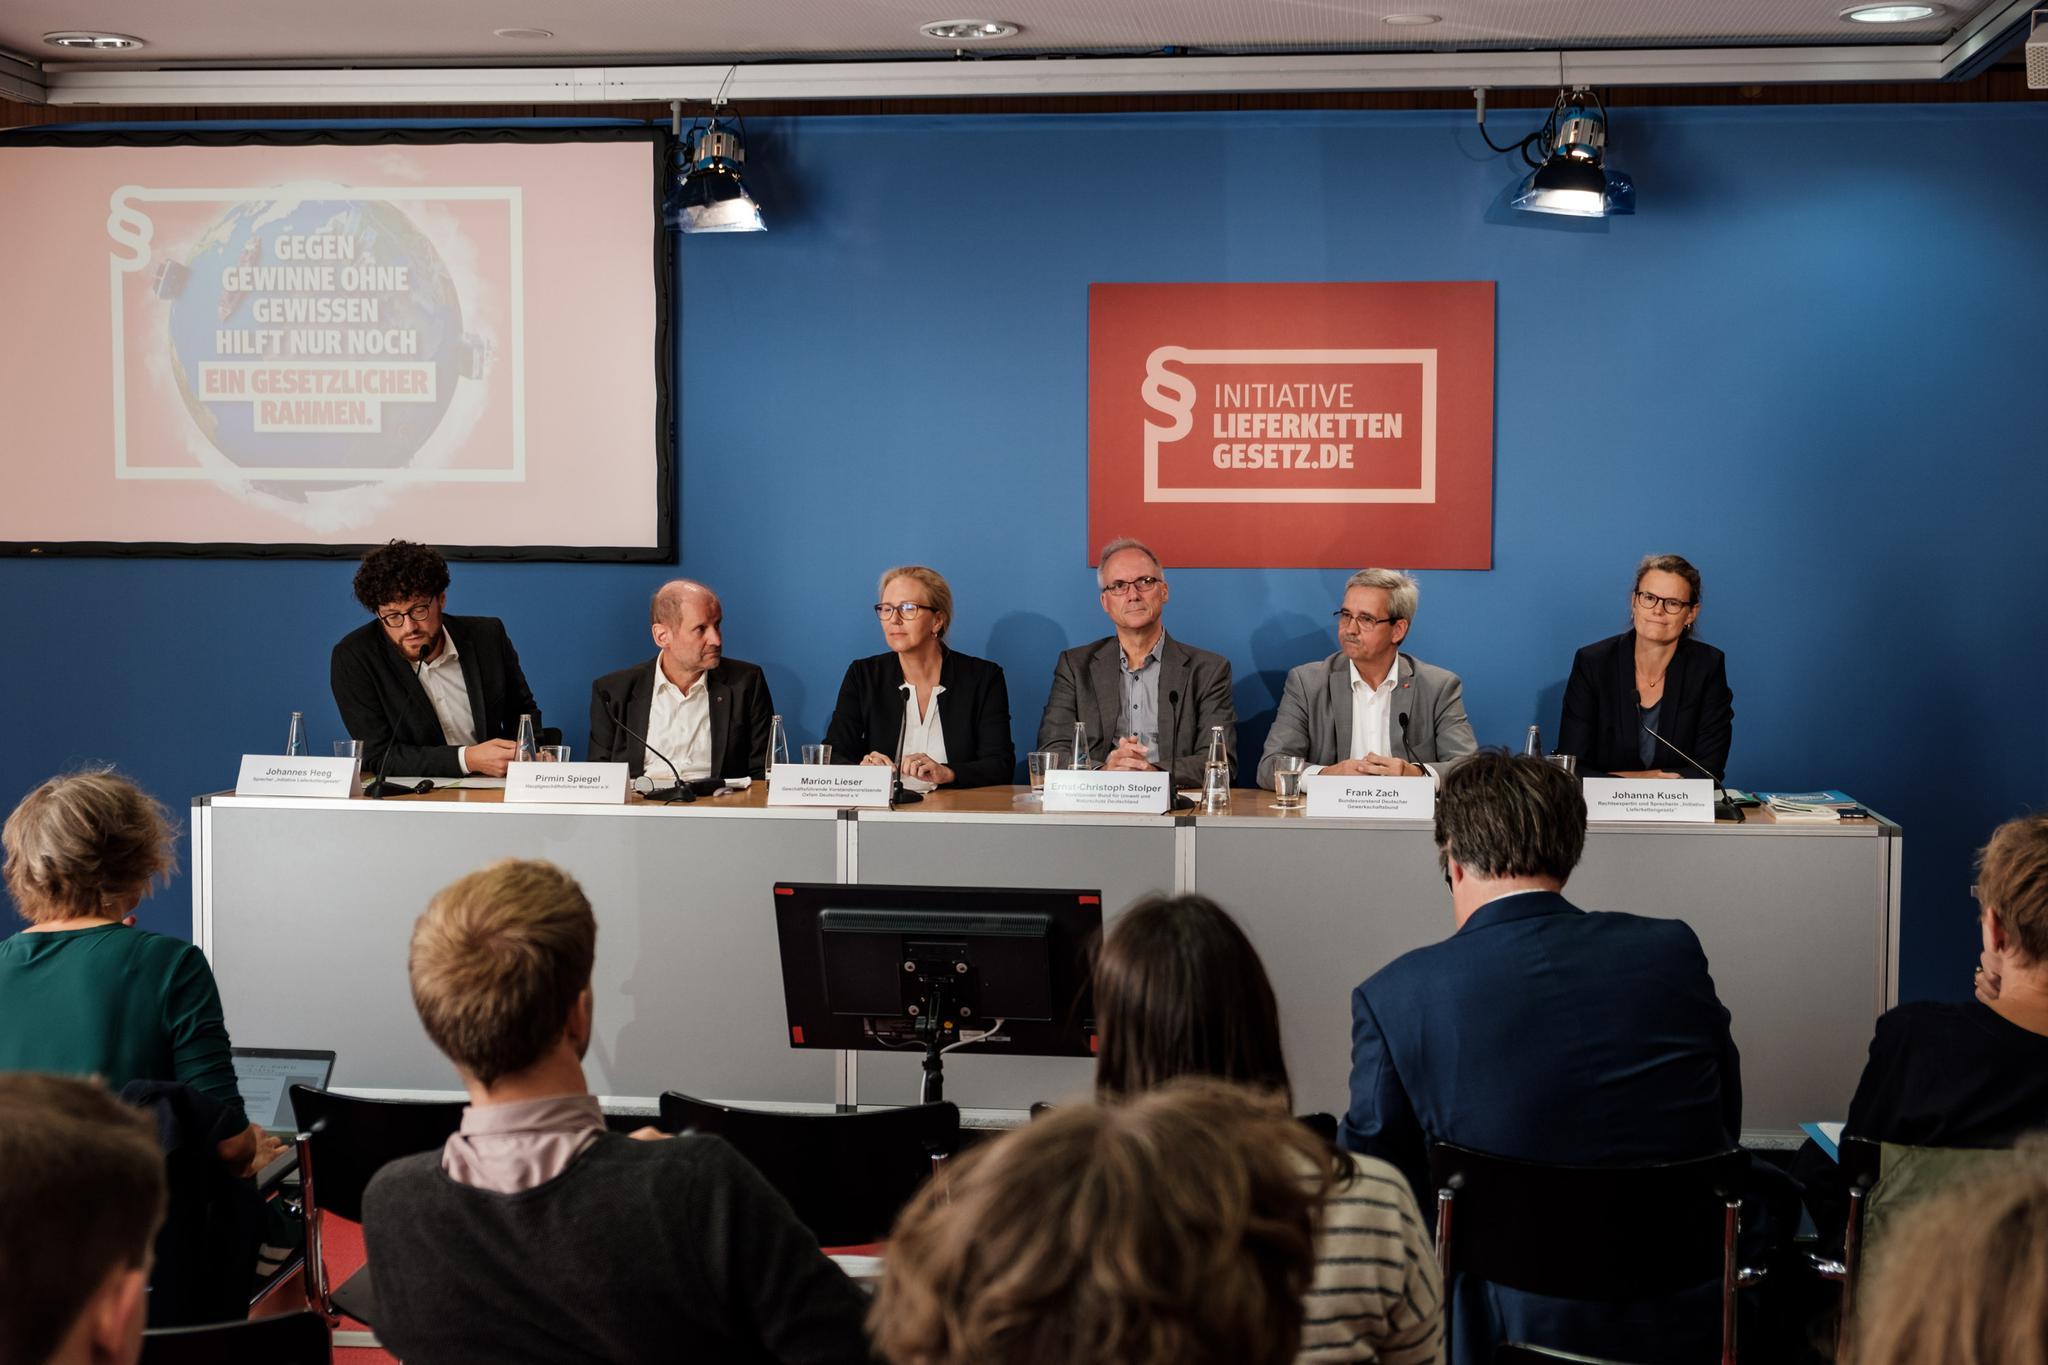 Gruppenbild von der Pressekonferen zur Vorstellung der Kampagne zu fairen Lieferketten.